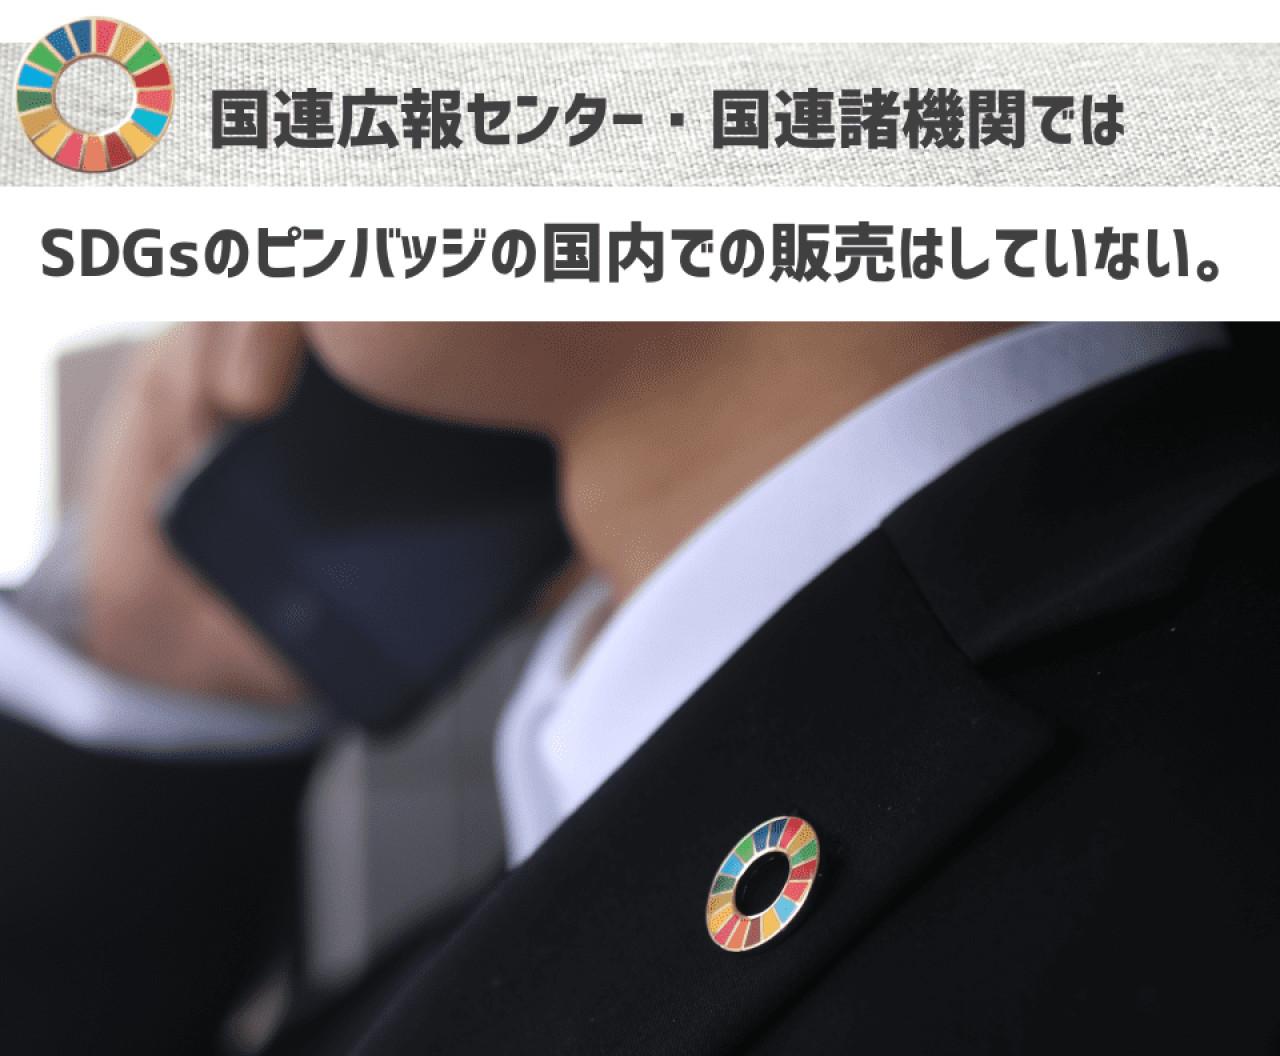 SDGs バッジ 購入入手できるところ